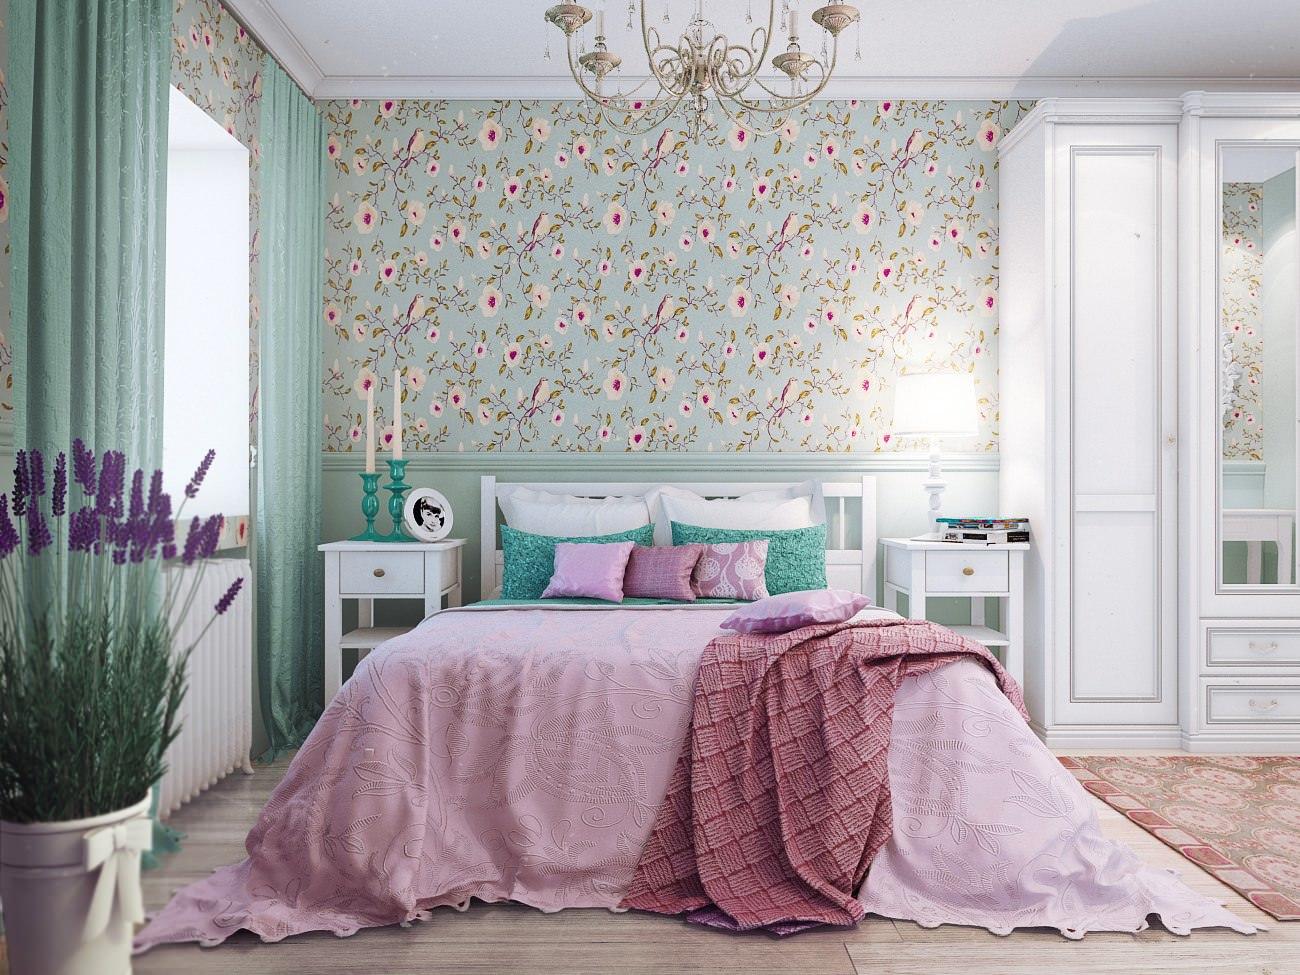 Особенность спальни в стиле кантри